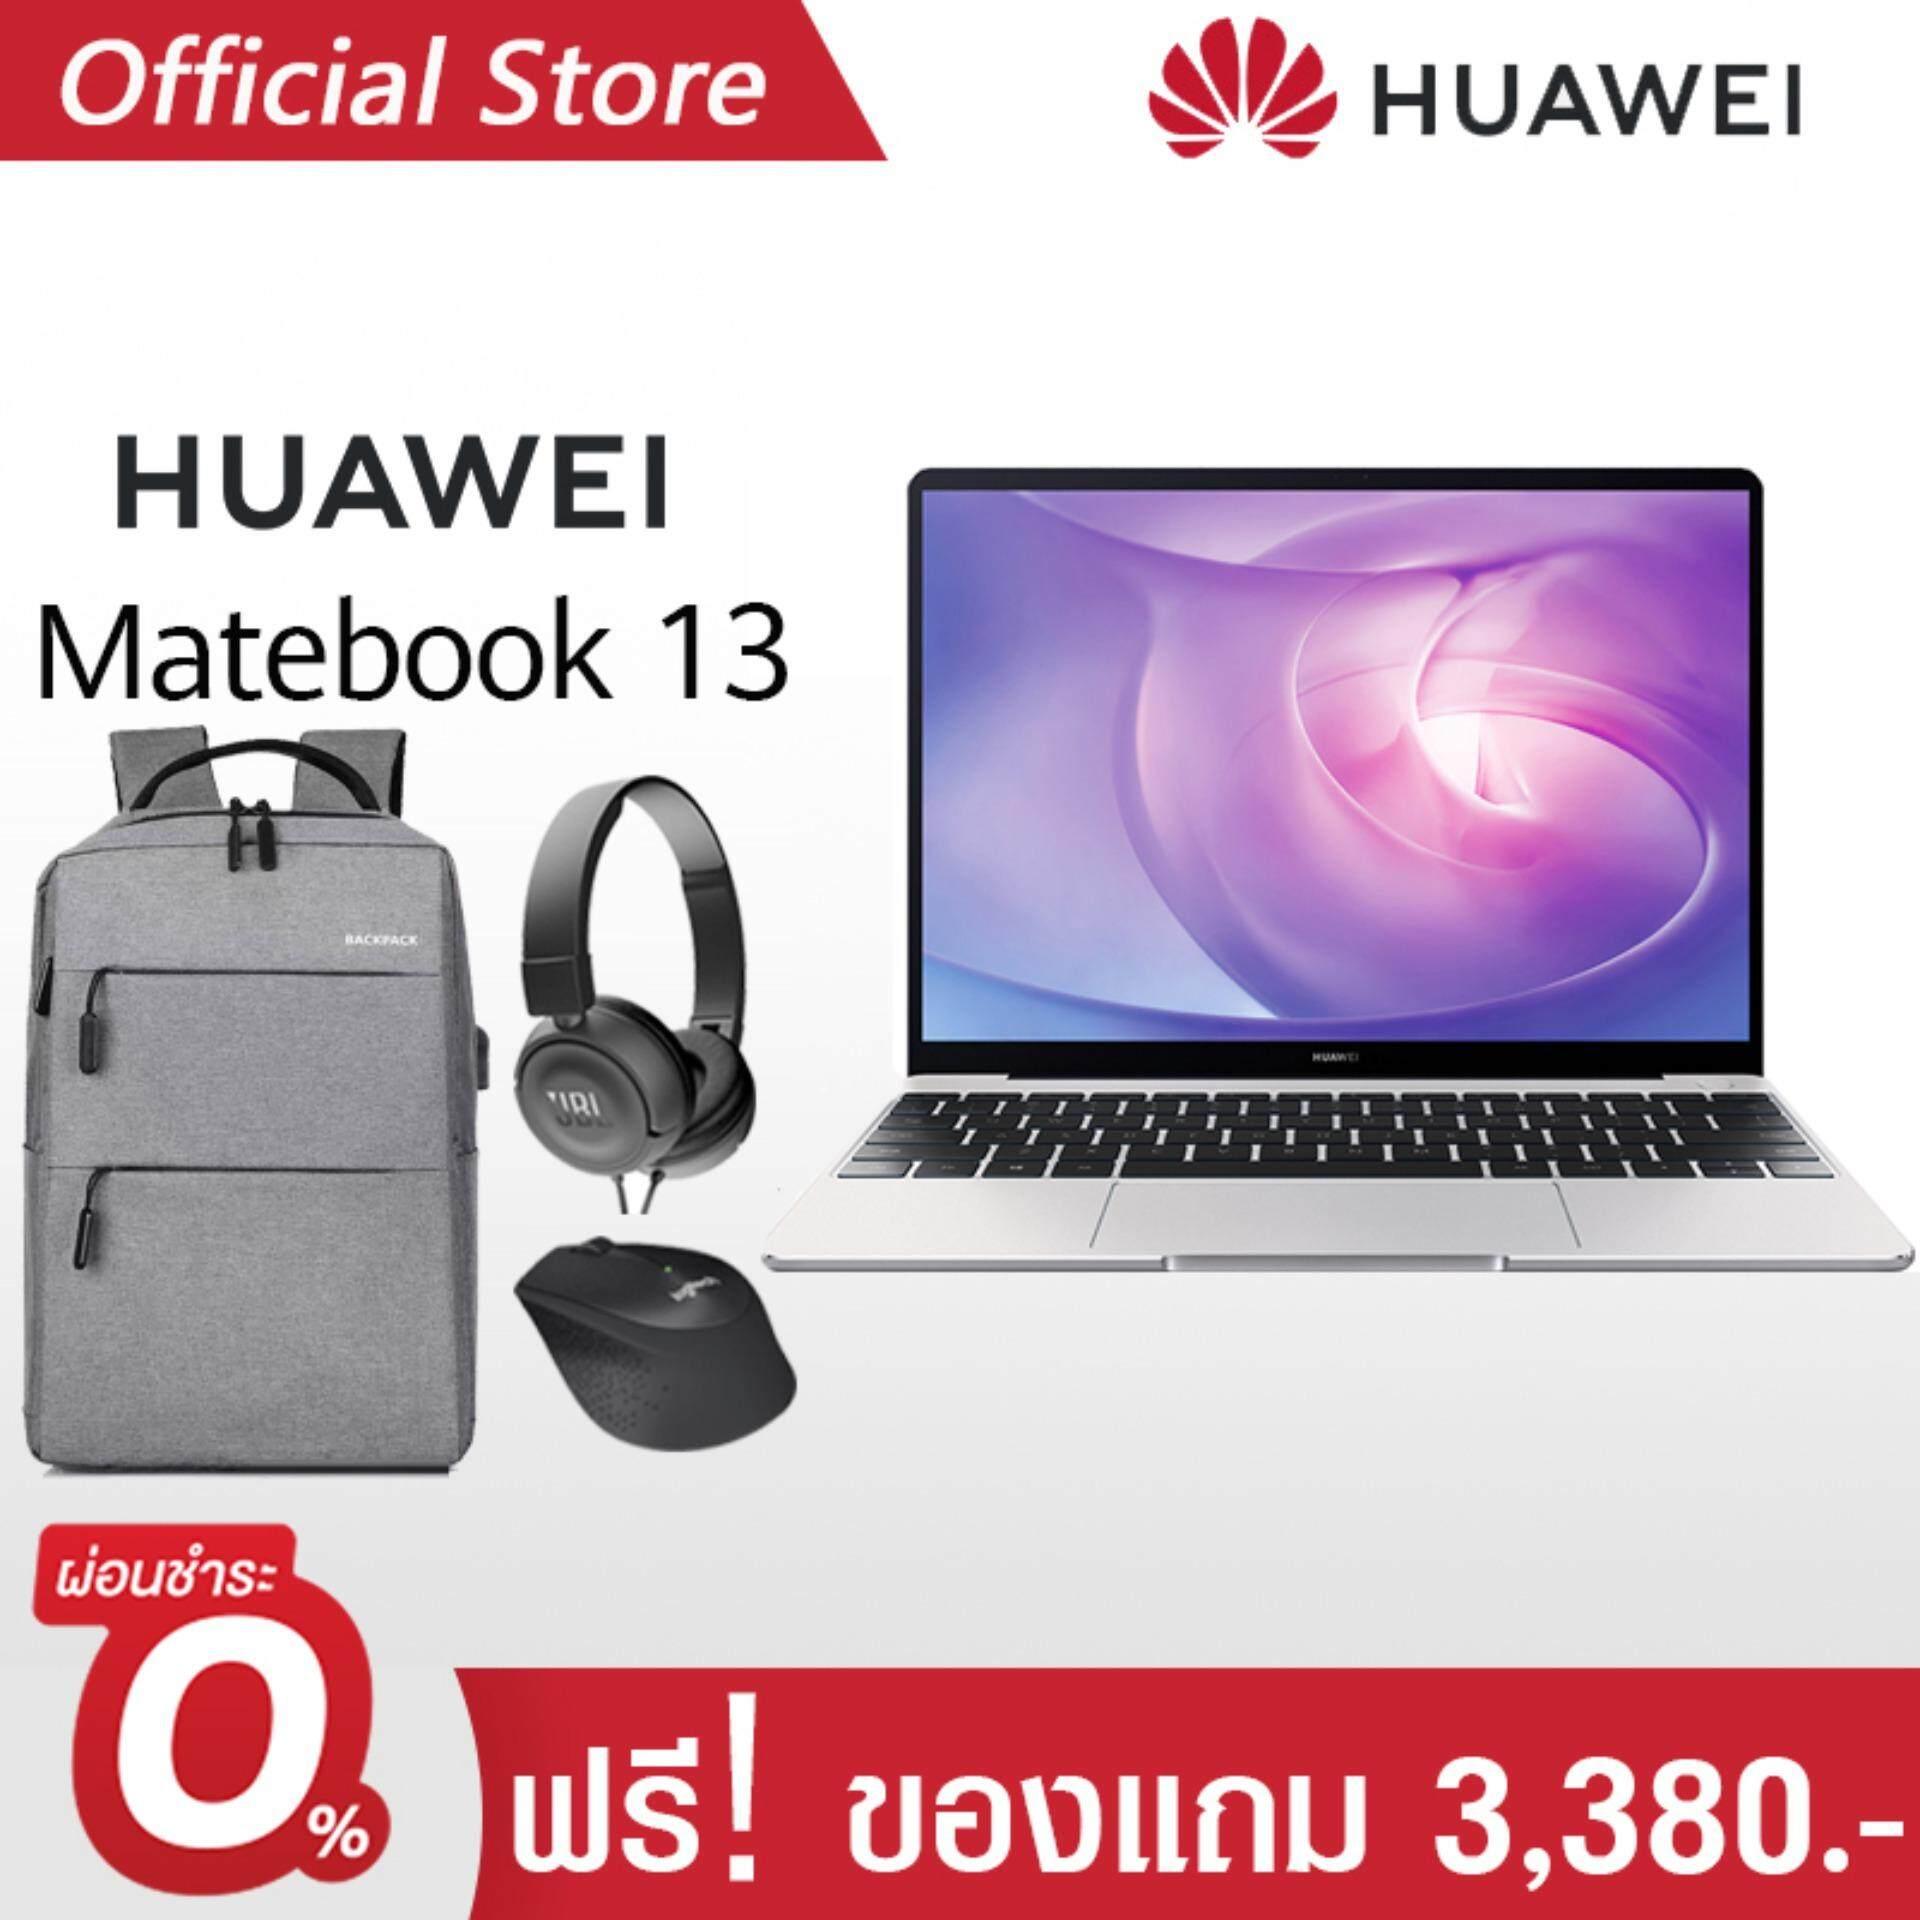 【ผ่อน 0% 10 เดือน】Huawei MateBook 13 i7/ 512 GB SSD + RAM:8 GB / พร้อมของแถมLogitech Mouse +JBL T450+Backpack